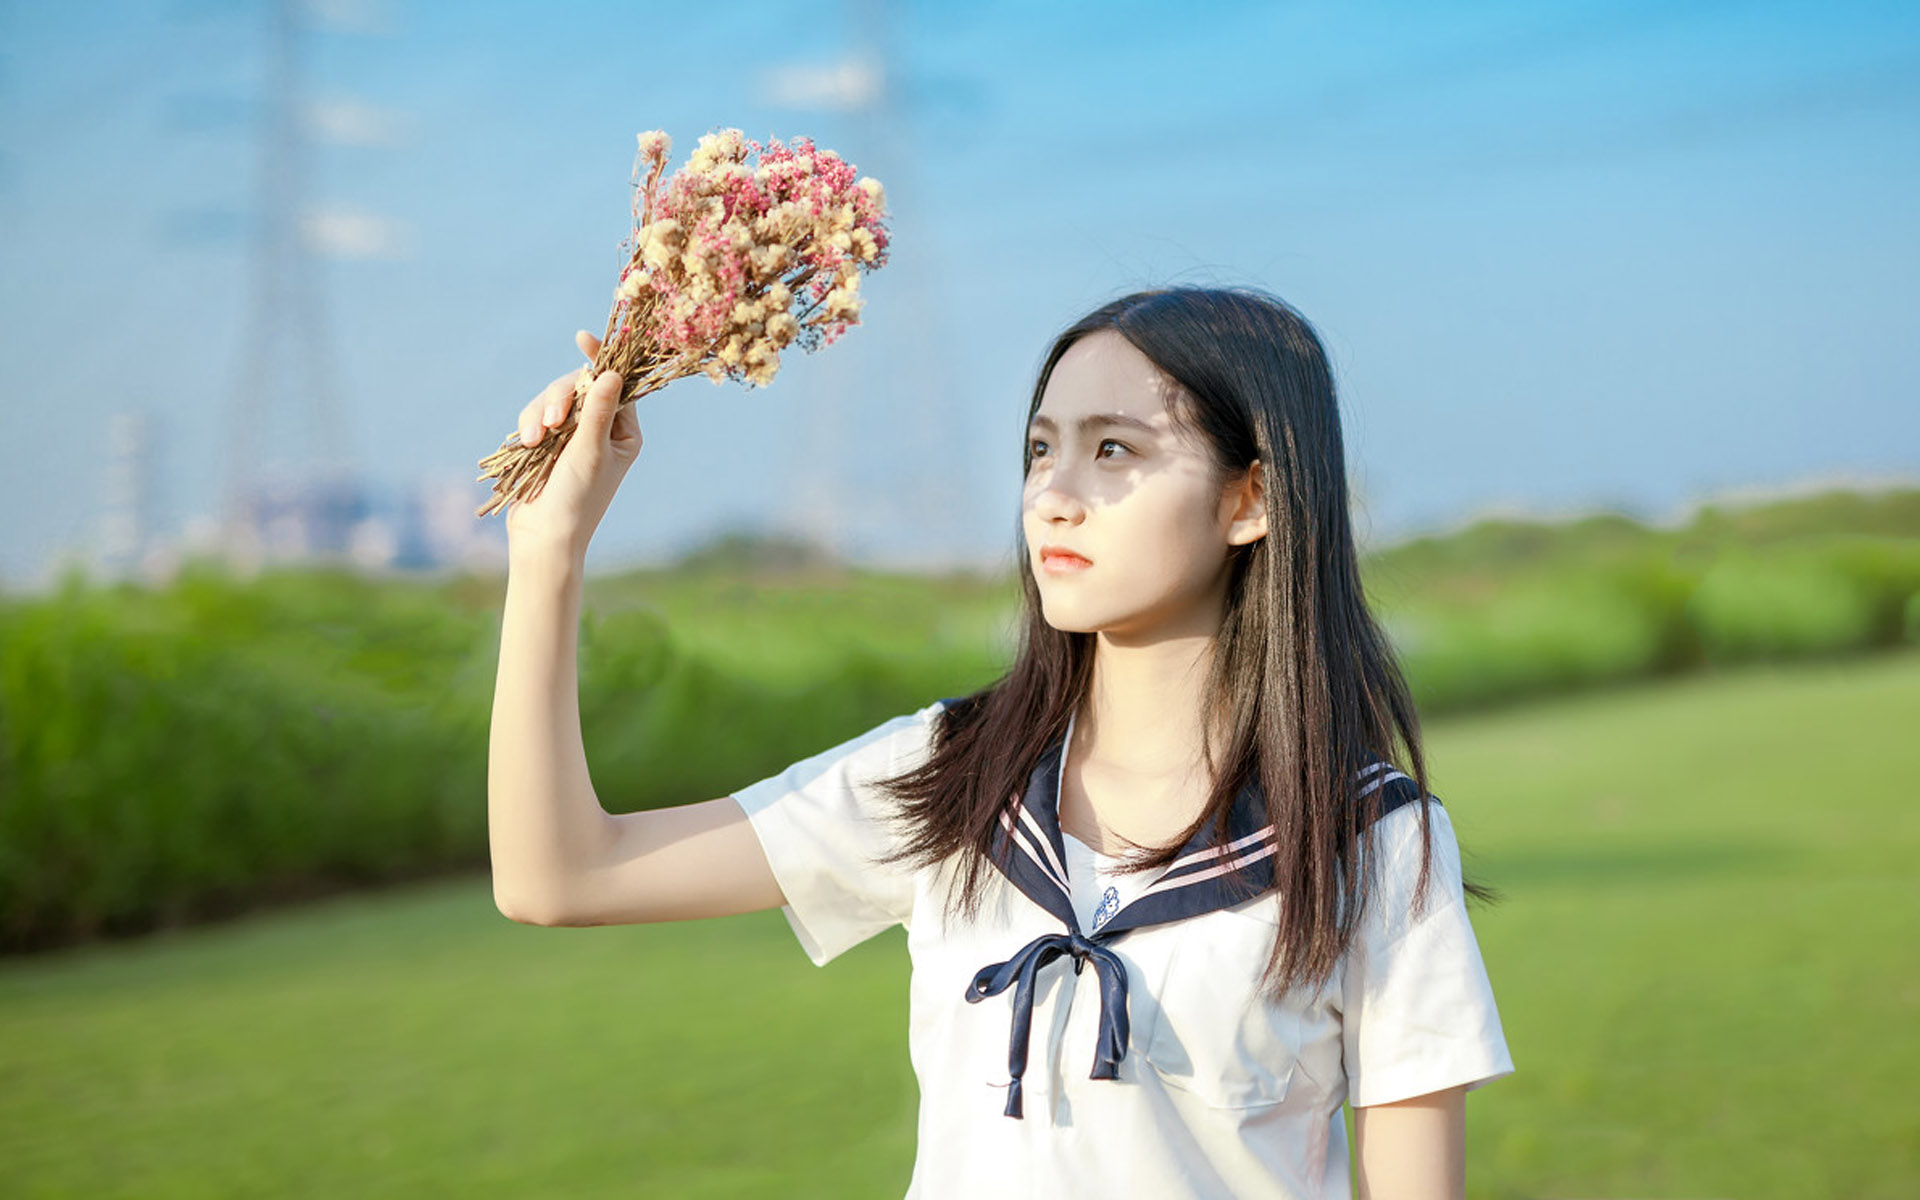 《你的爱恋甜如蜜》顾北辰简沫章节精彩阅读